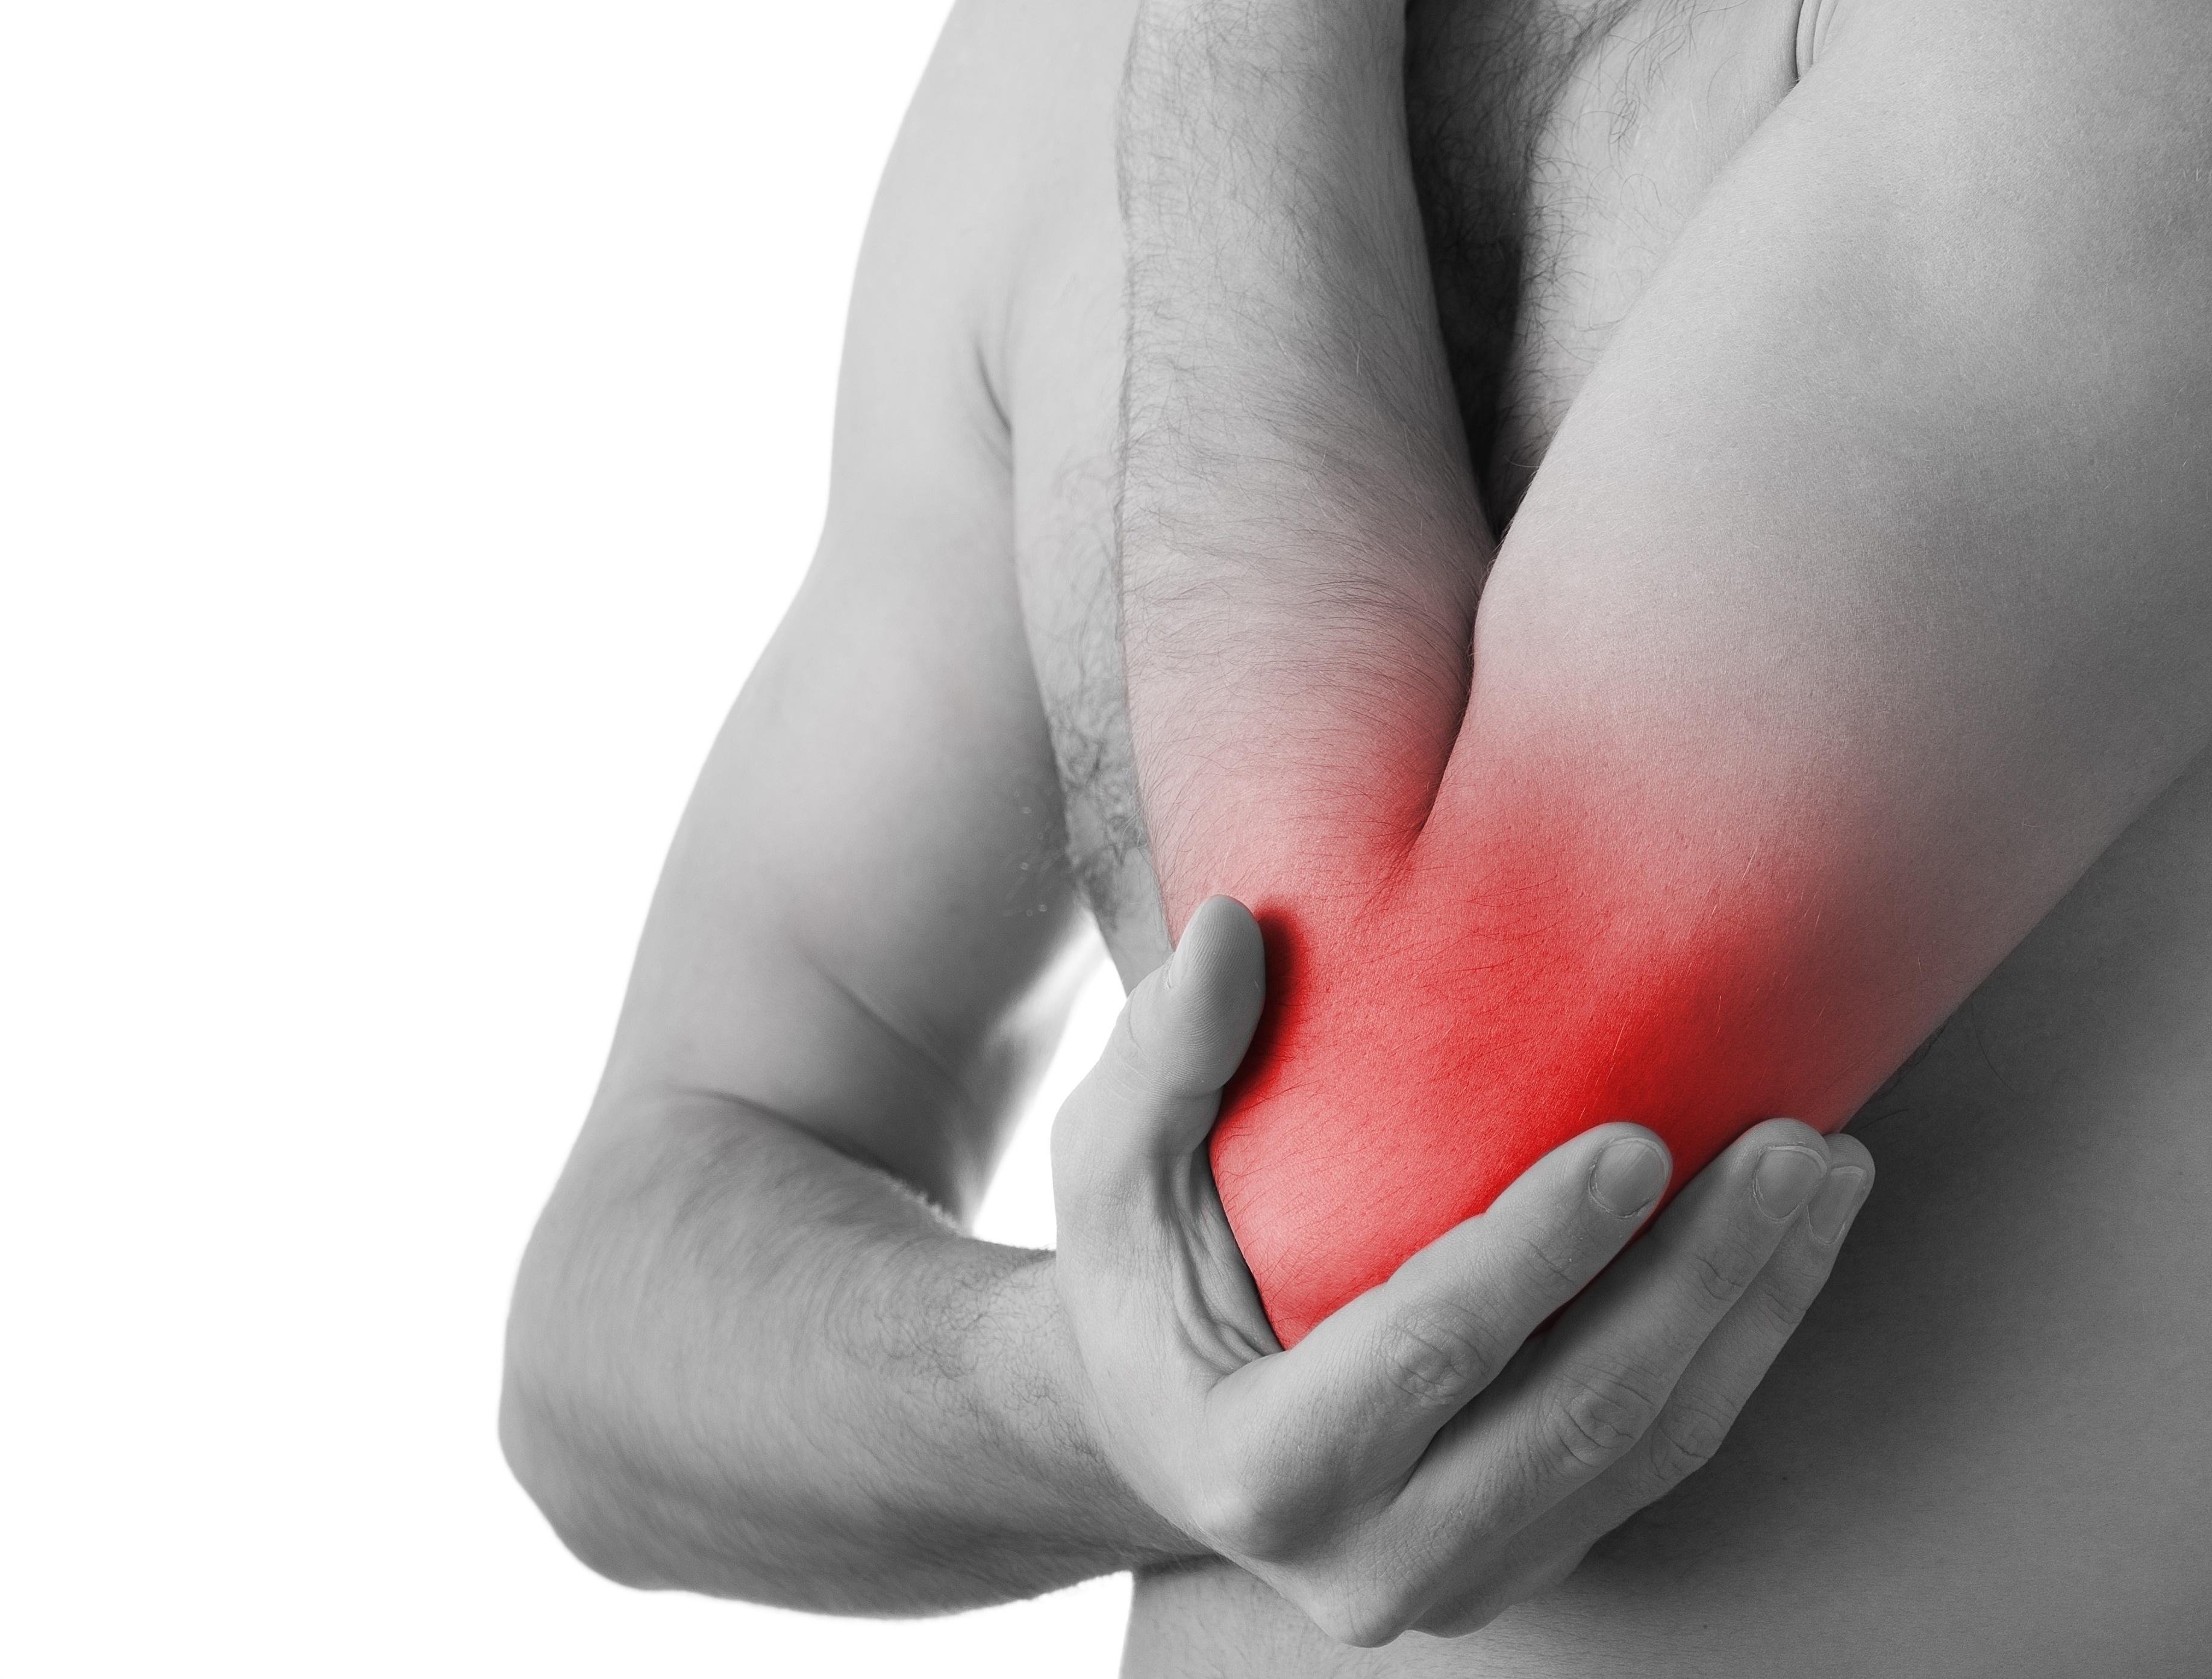 rizsvasa ízületi fájdalmak kezelésére gyógyszer az ízületek és az izmok fájdalmaira